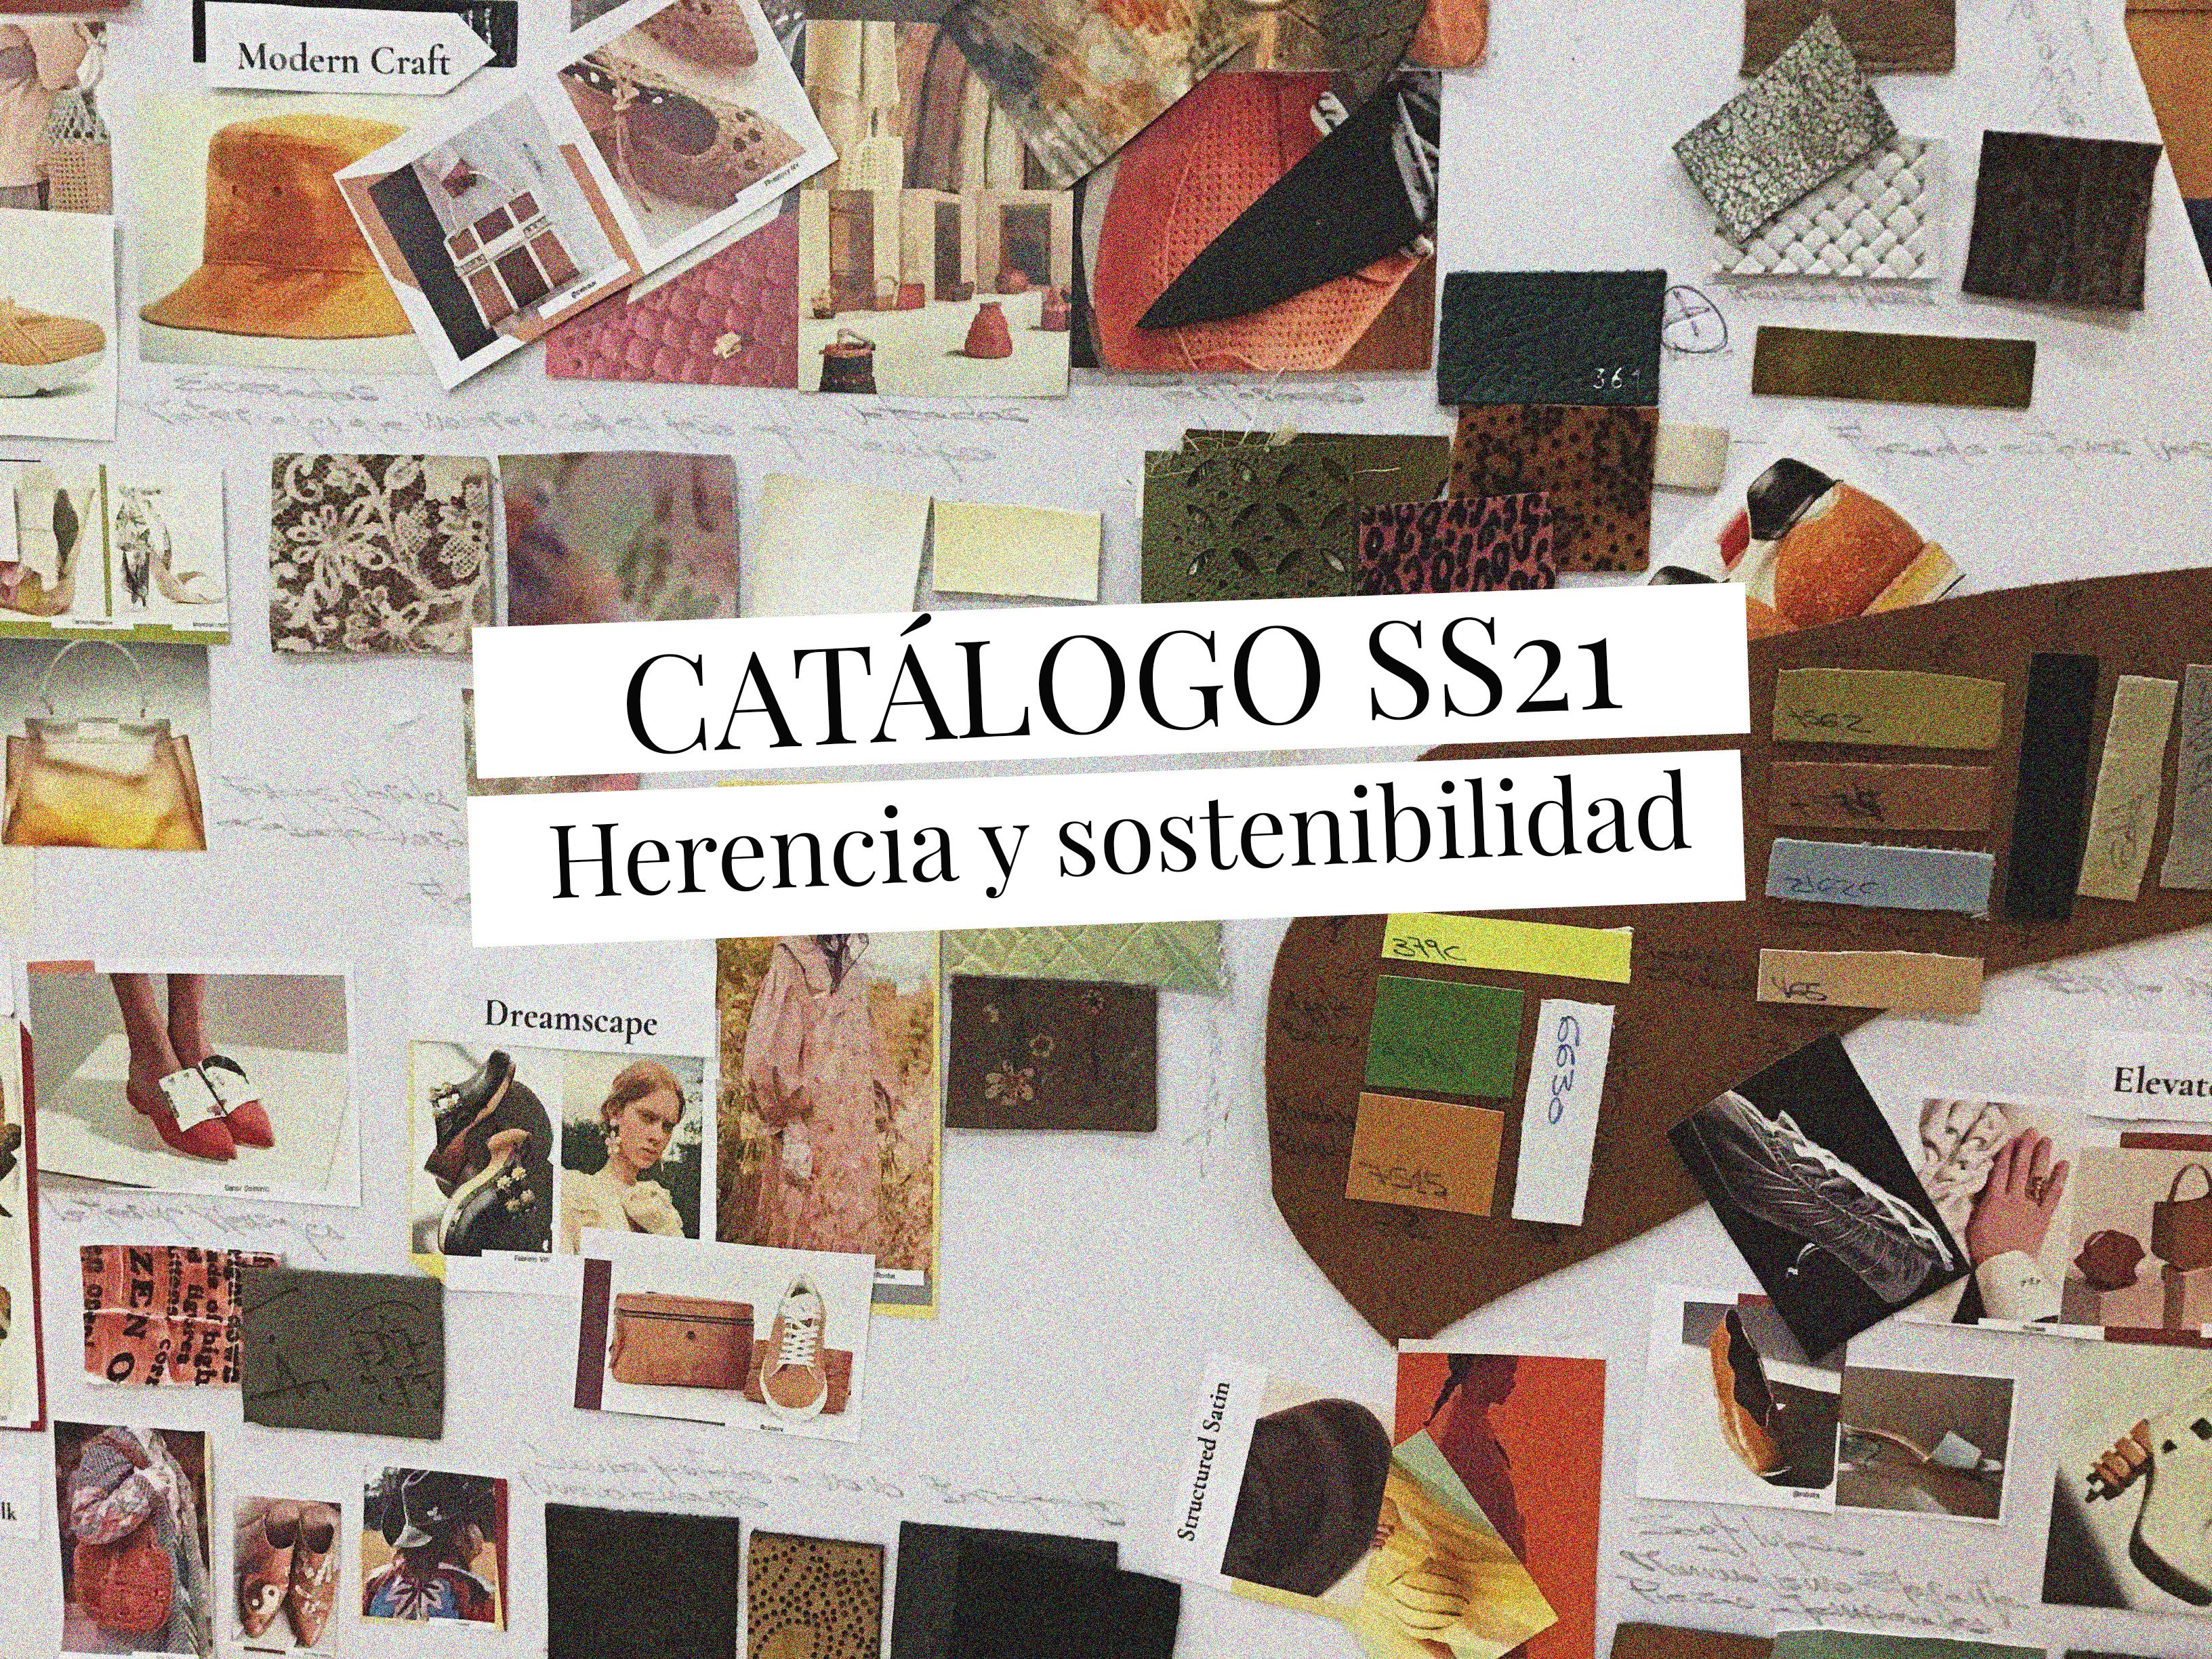 Catálogo SS21; Herencia y sostenibilidad